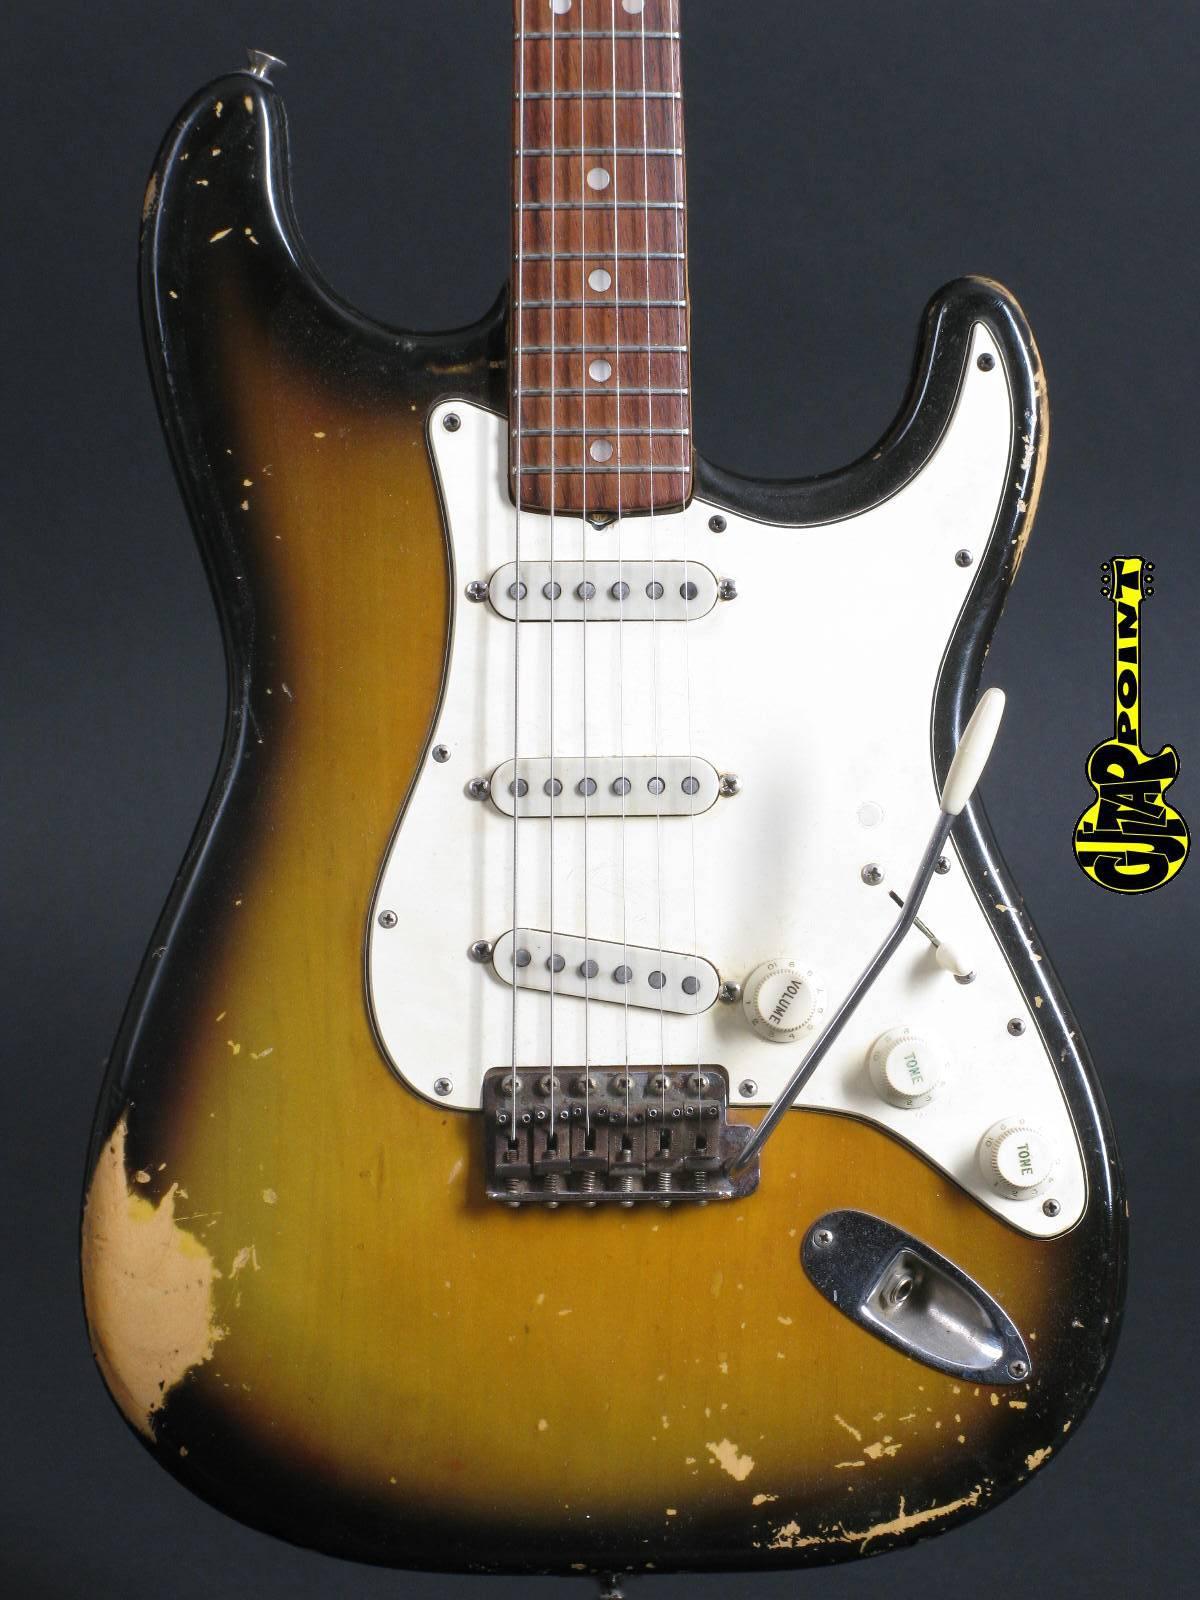 1968 Fender Stratocaster Sunburst - 3t Sunburst